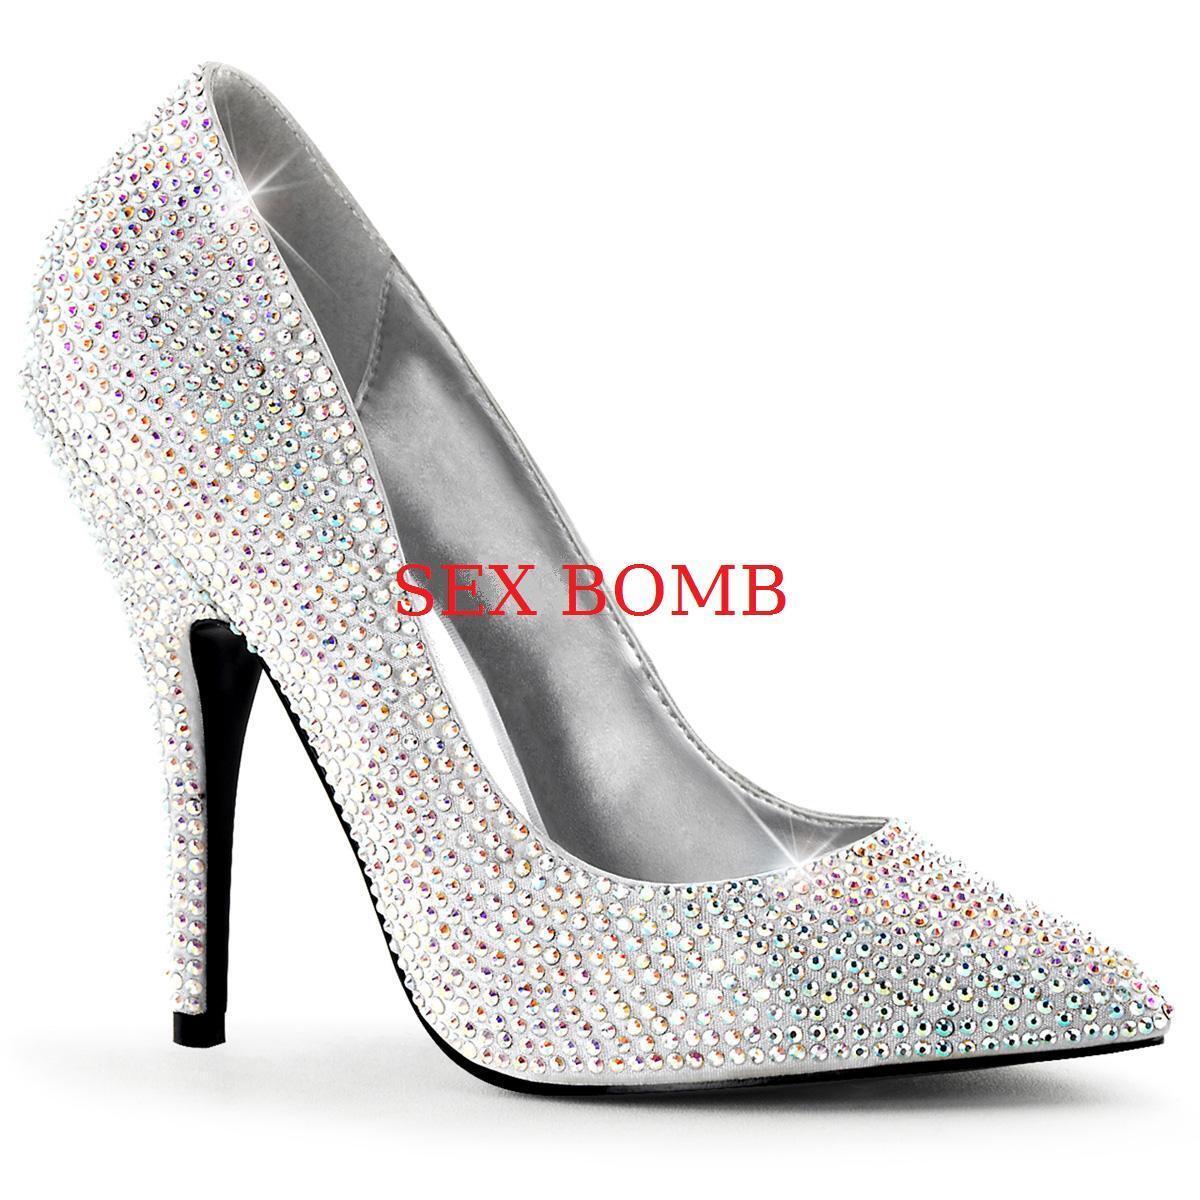 Descuento de liquidación SEXY scarpe decolte raso STRASS tacco 13 cm ARGENTO dal 35 al 41 satin GLAMOUR